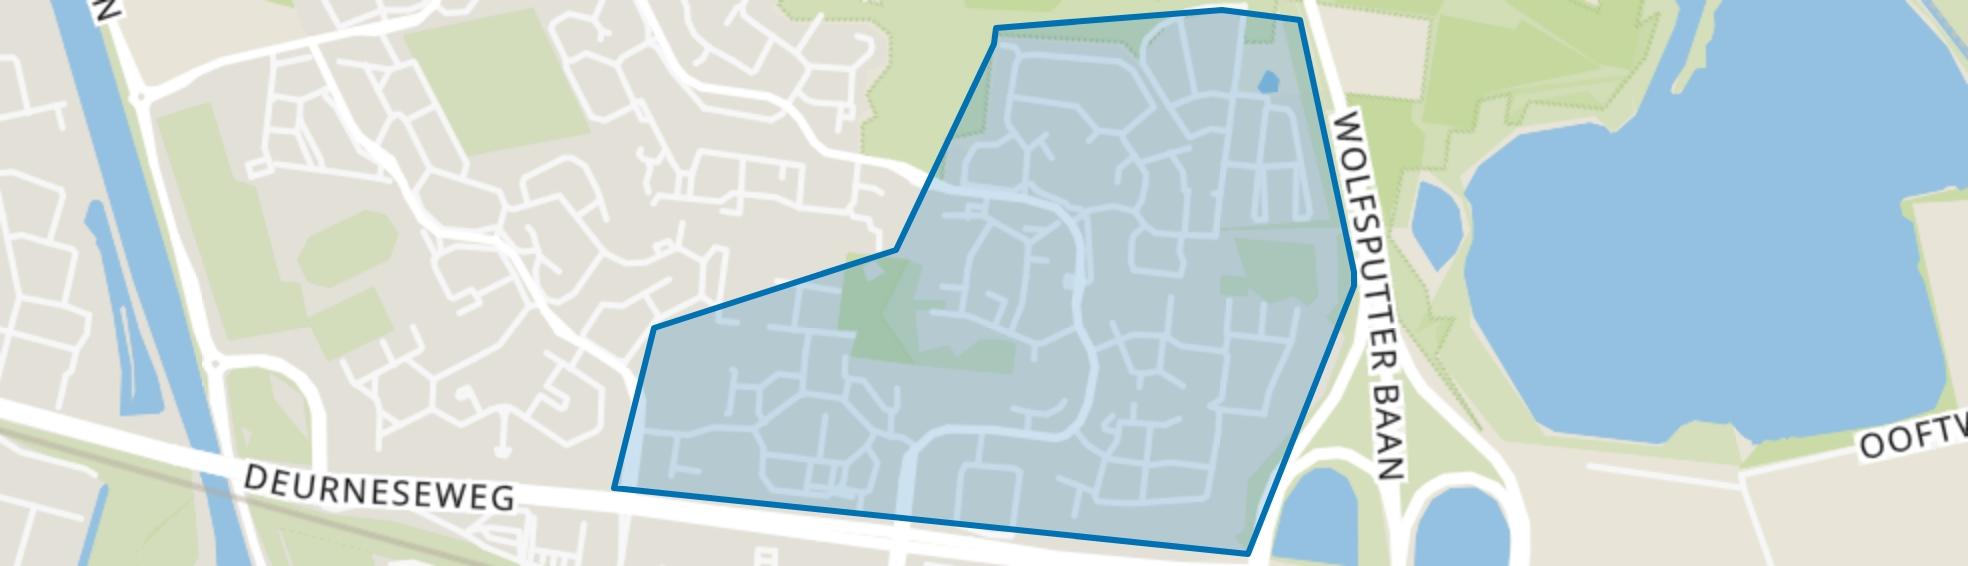 Rijpelberg-Oost, Helmond map